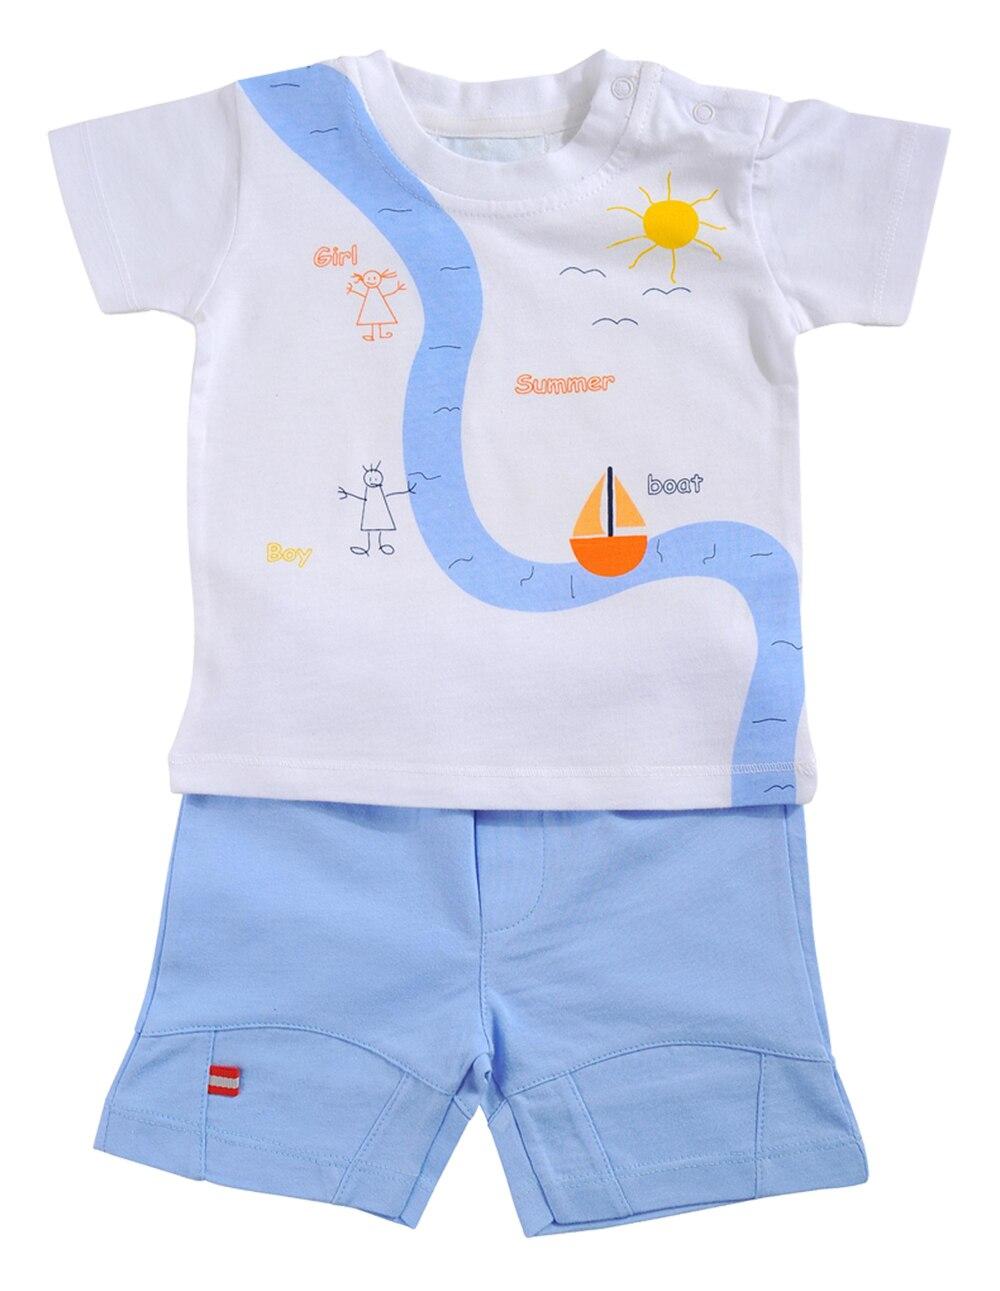 Бебешки момчета облекло Комплект - Бебешки дрехи - Снимка 1